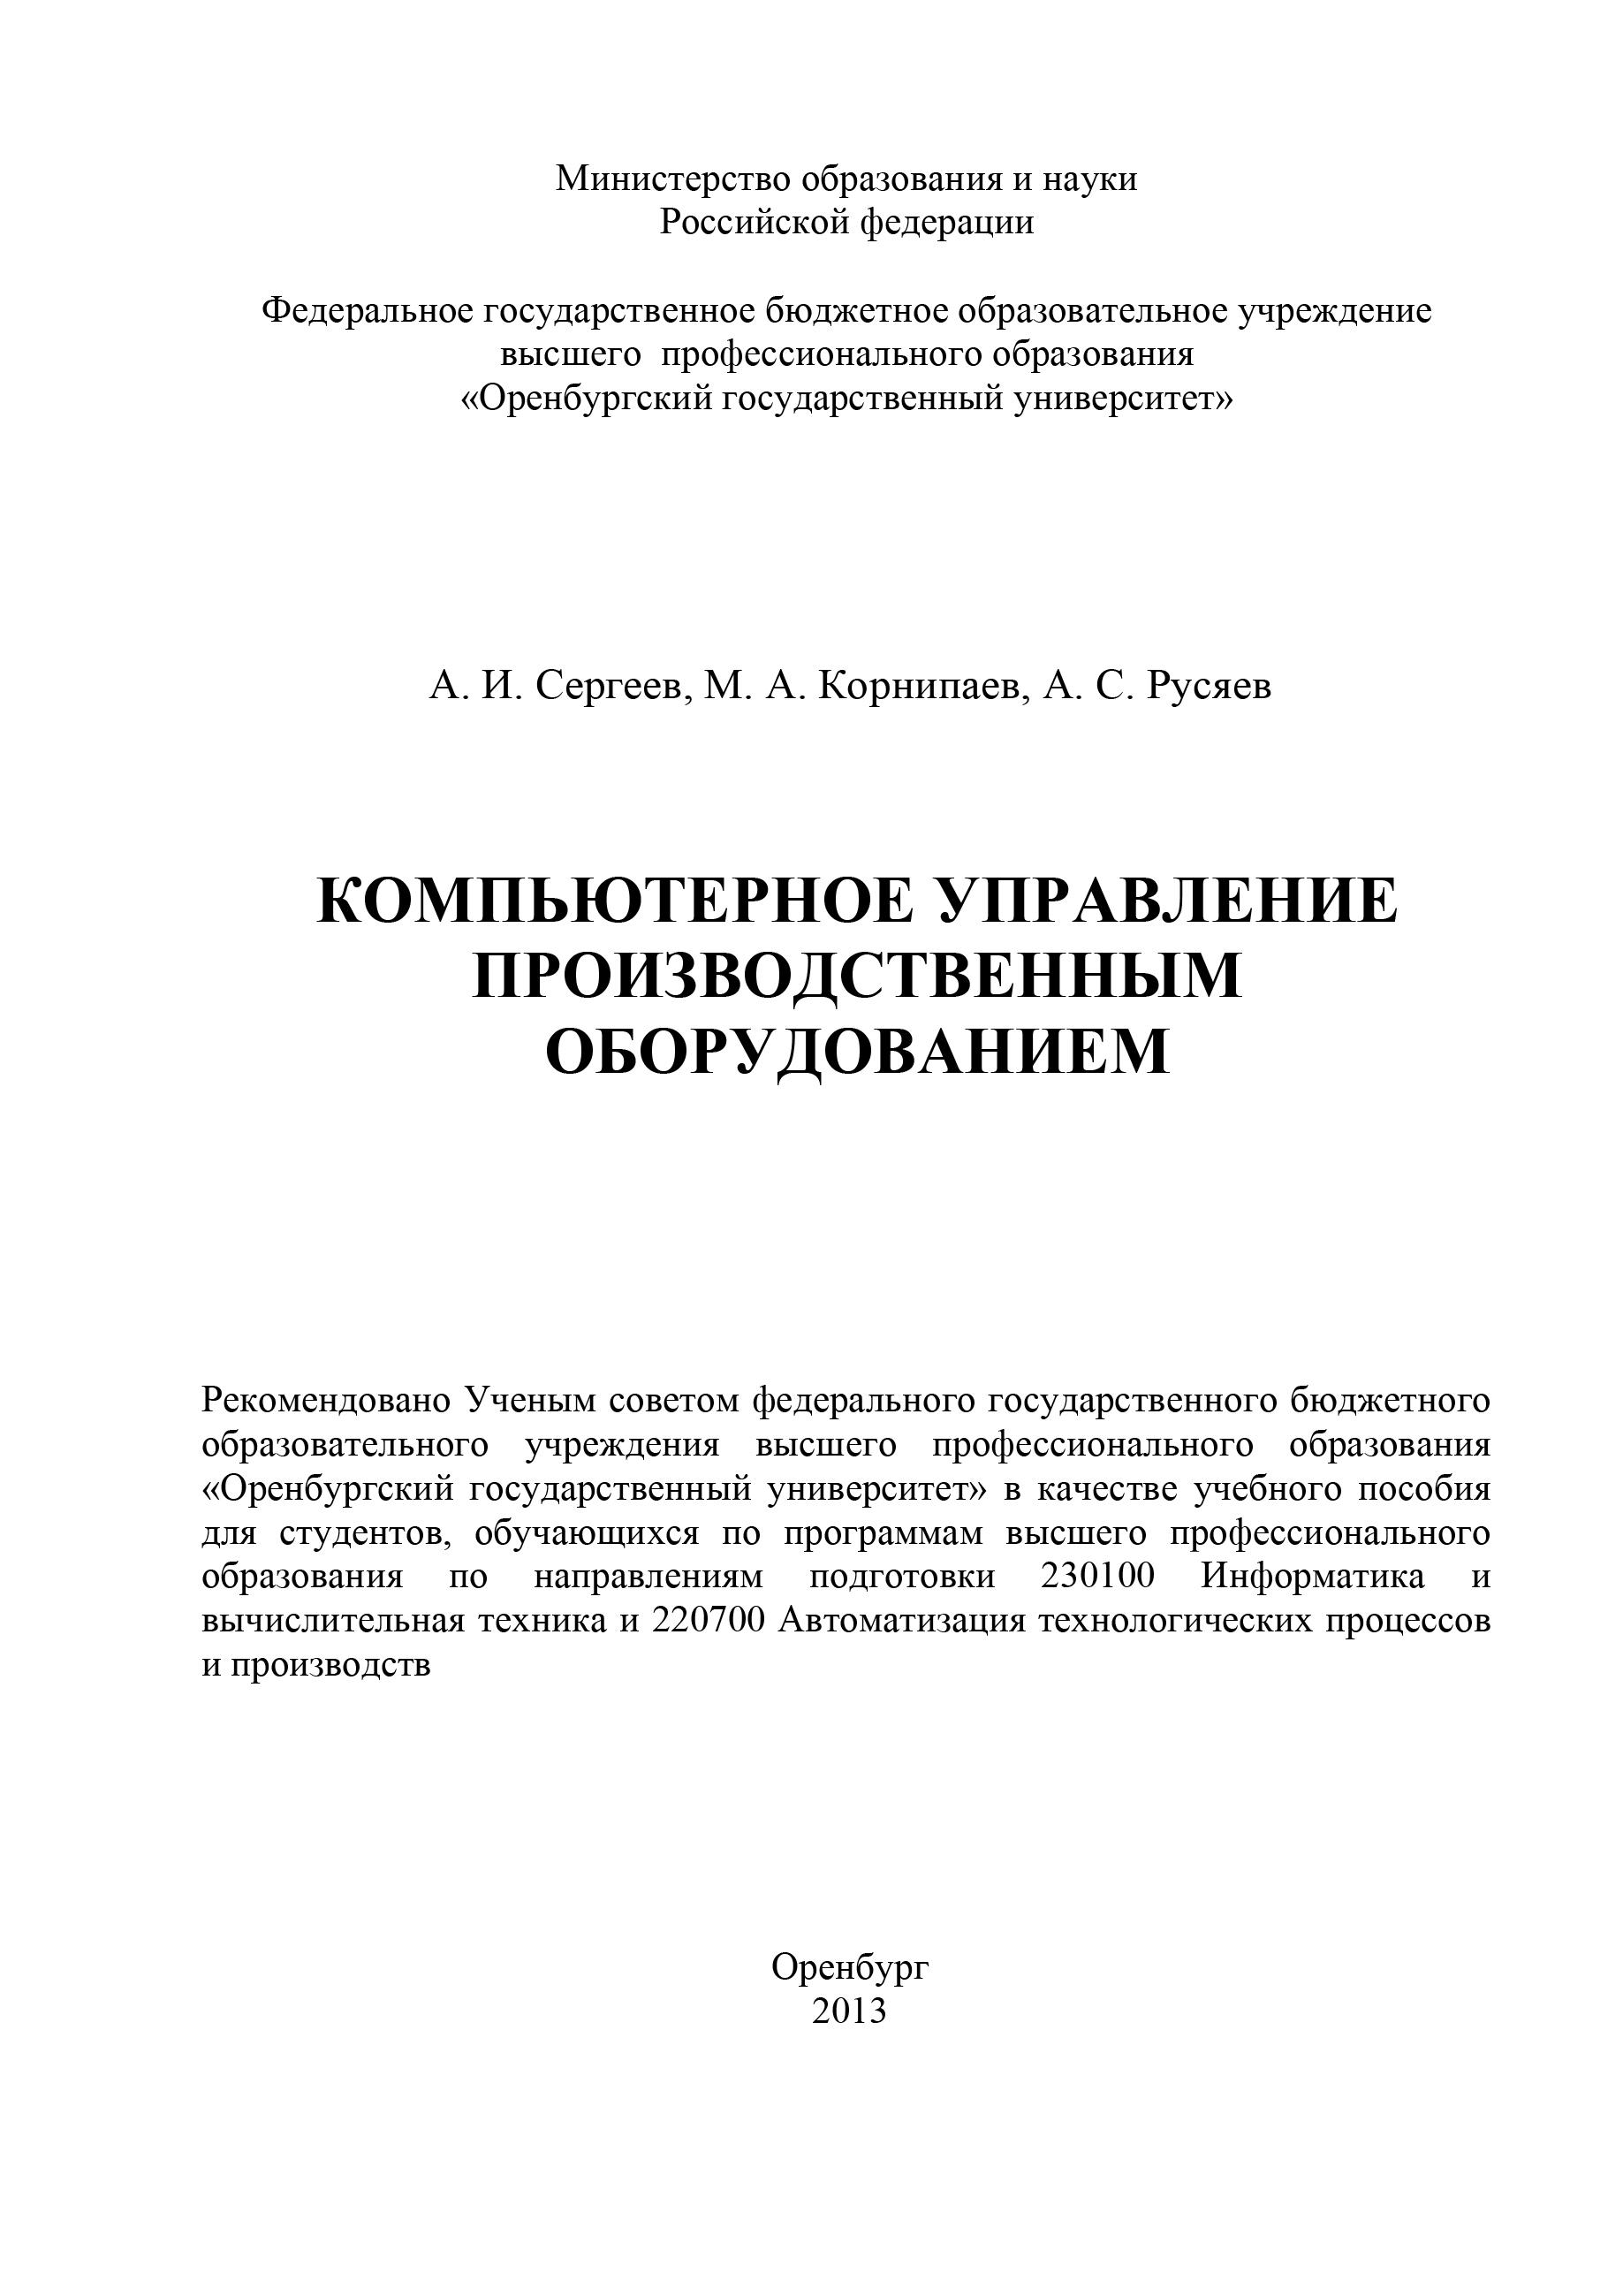 М. Корнипаев Компьютерное управление производственным оборудованием иванов а автоматизация технологических процессов и производств учебное пособие